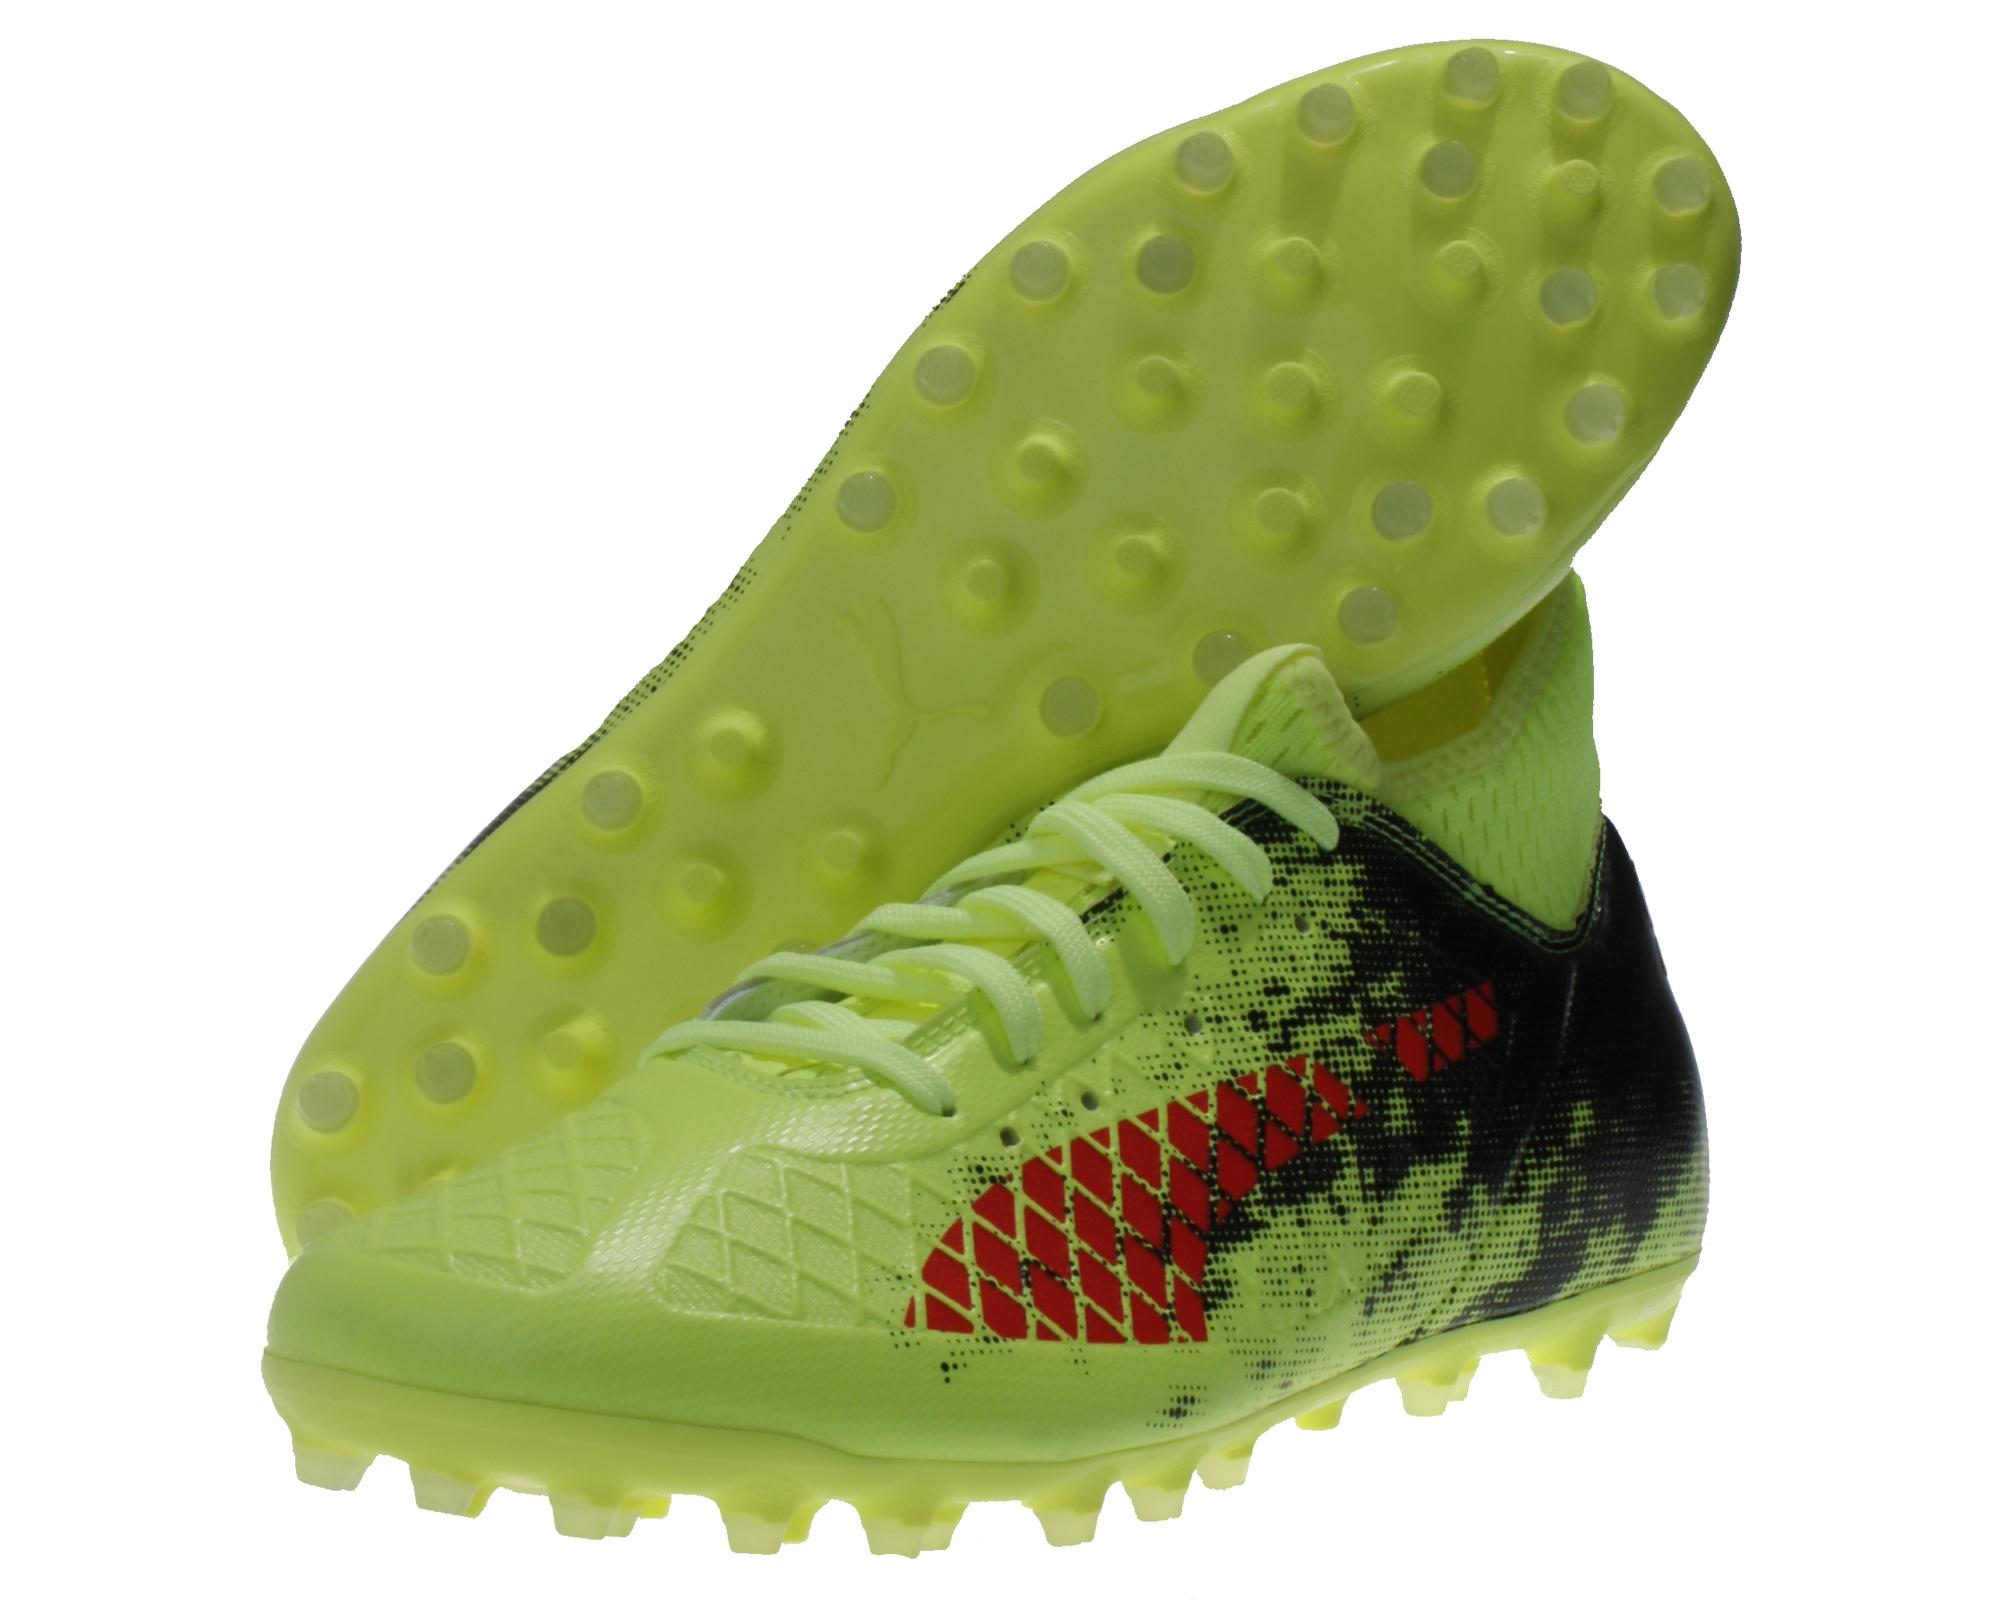 Puma Herren Fußball Schuhe Future 18.3 MG 104322 01